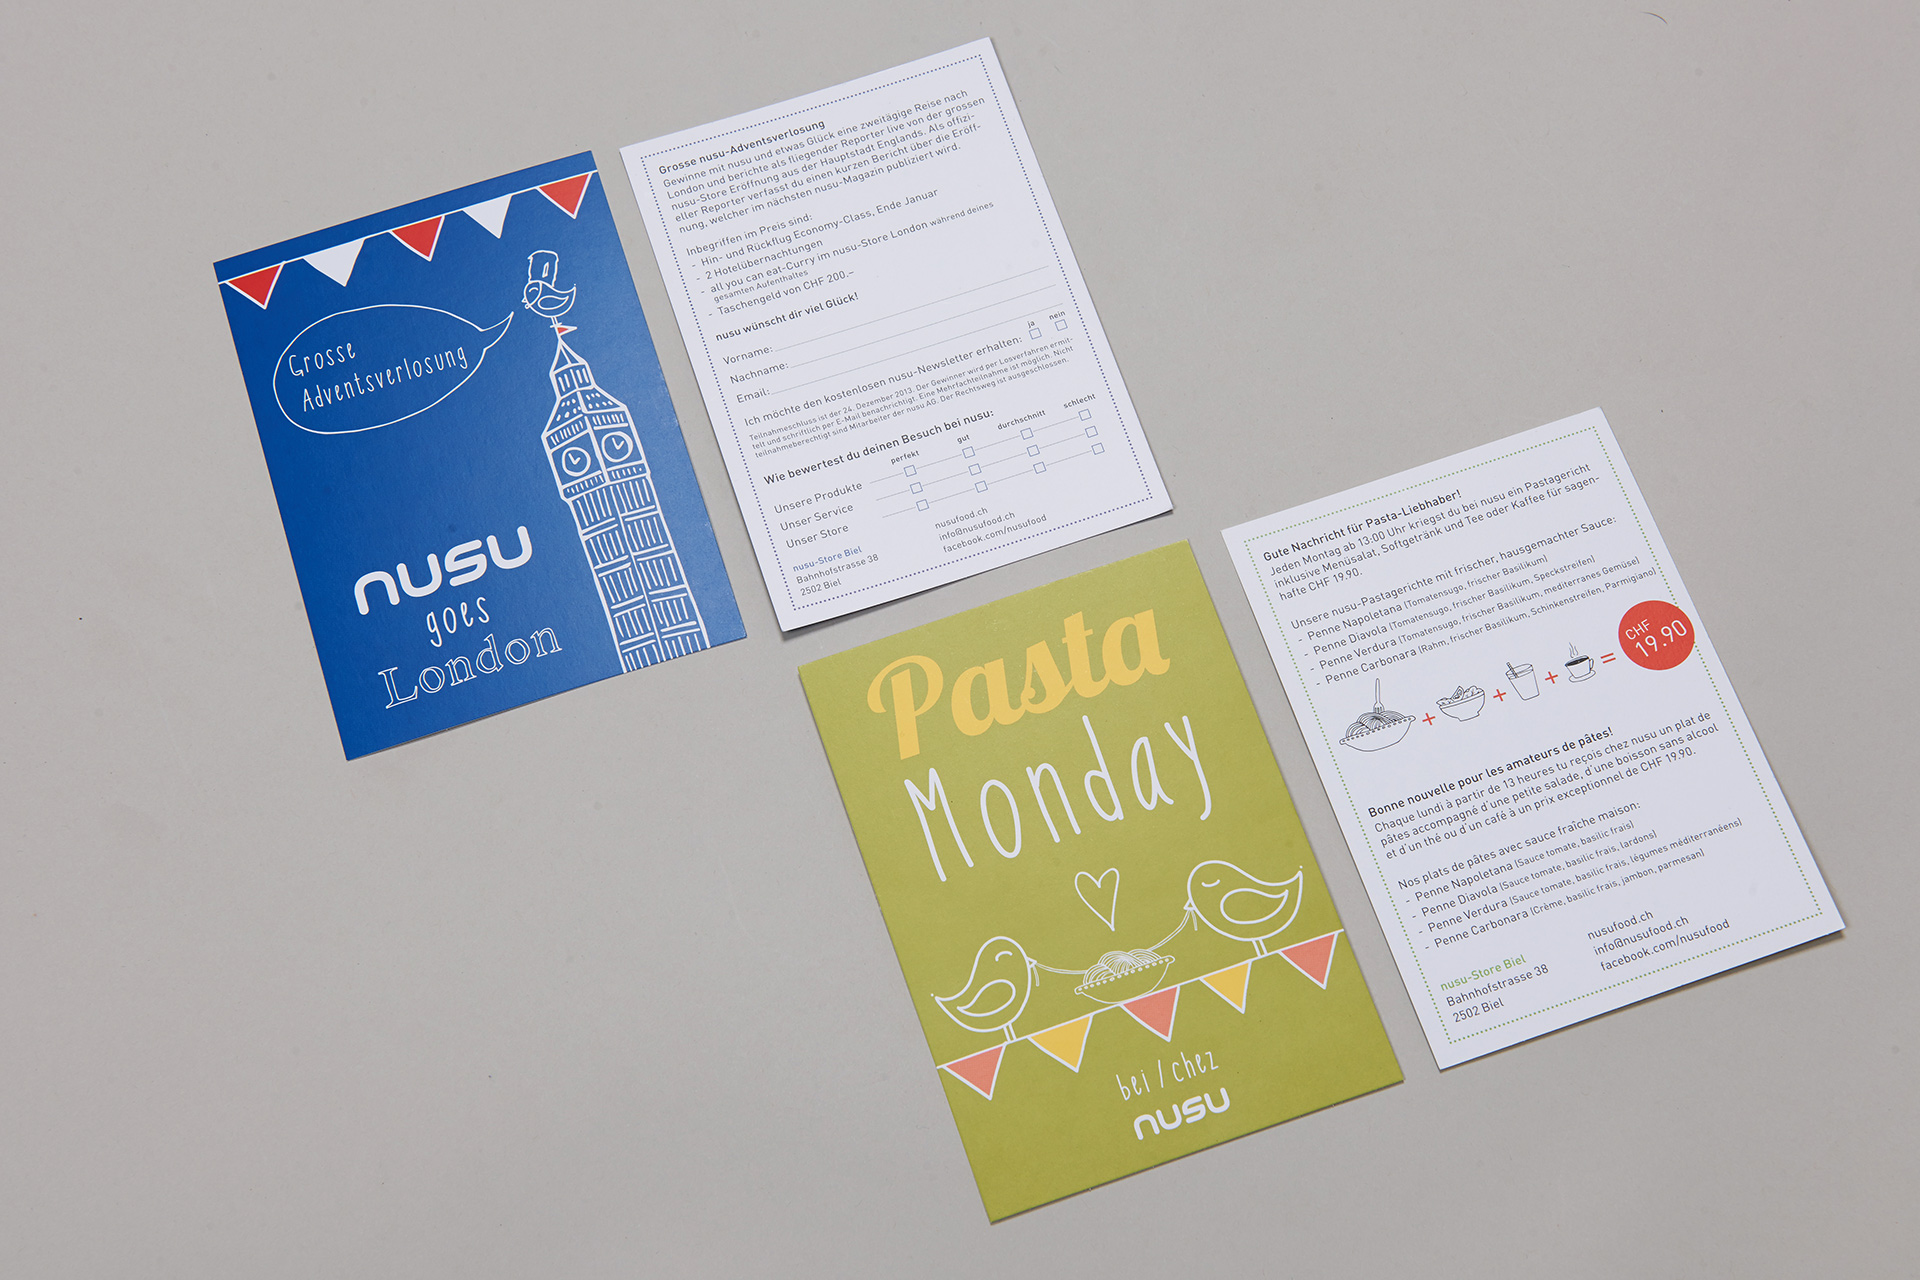 toloom-arbeiten-nusu-11-flyer-pastamonday.jpg